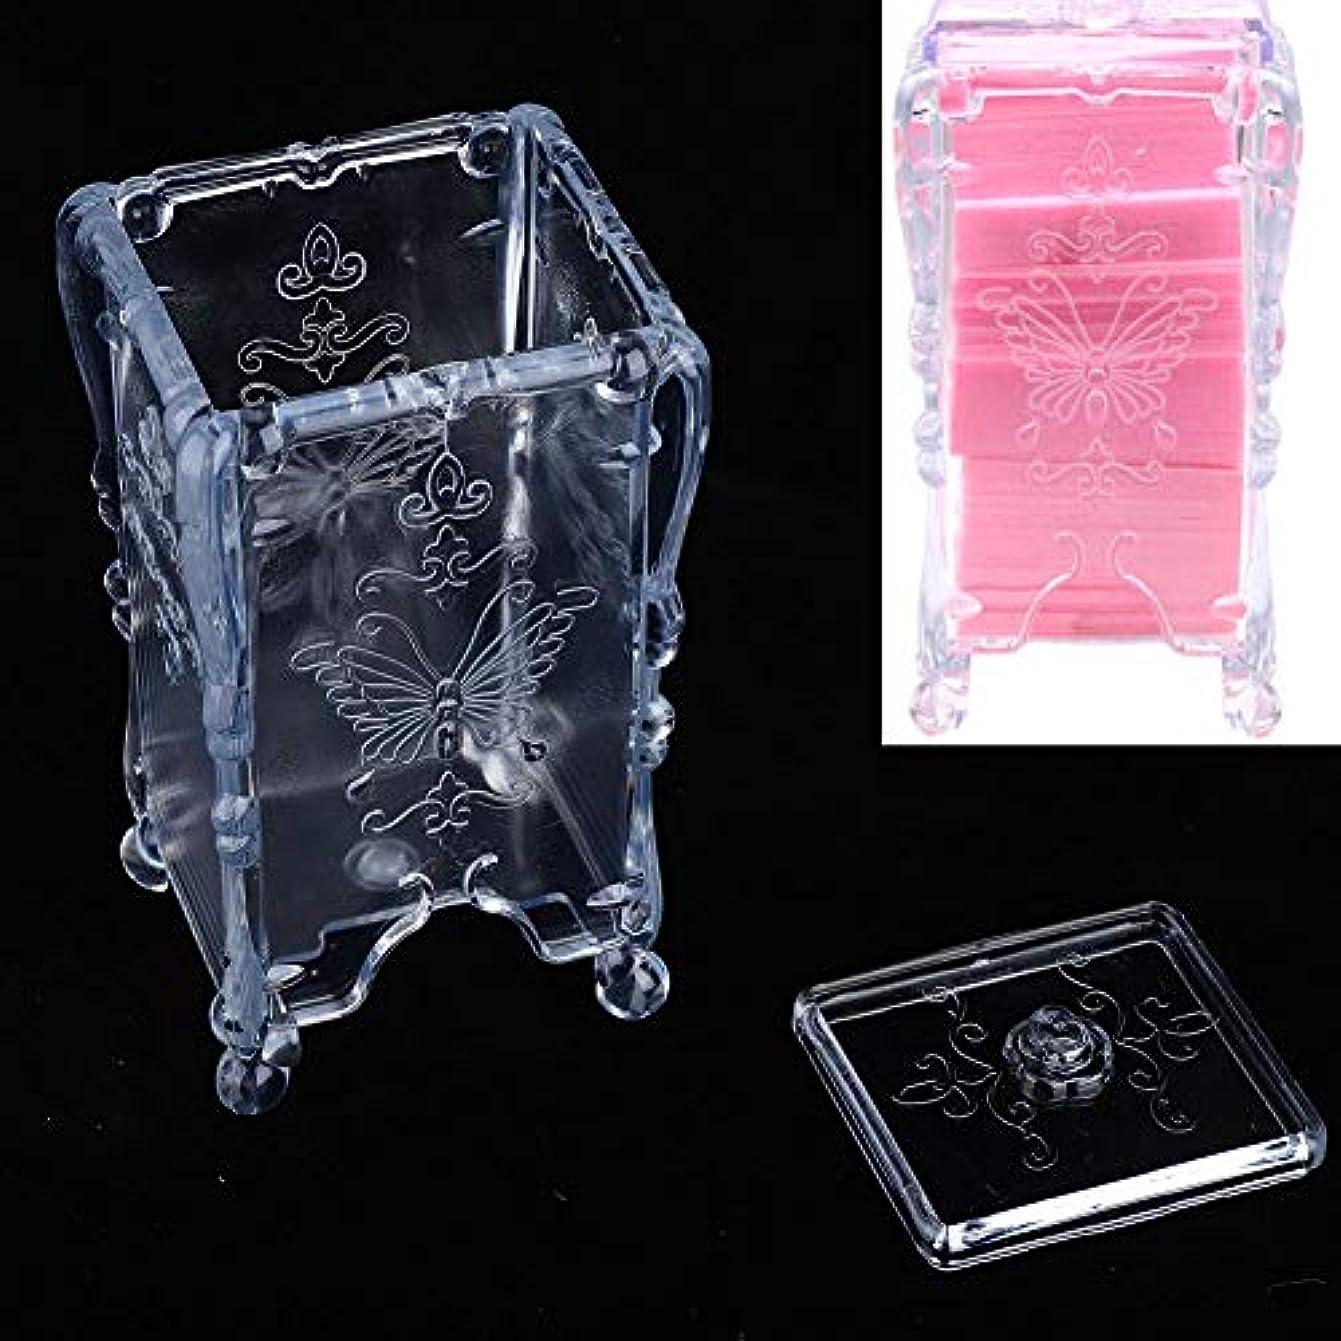 ぬれたワームほこりっぽい化粧綿収納ボックス 枕収納ボックス ネイルスワブリムーバー、化粧品オーガナイザー(透明)